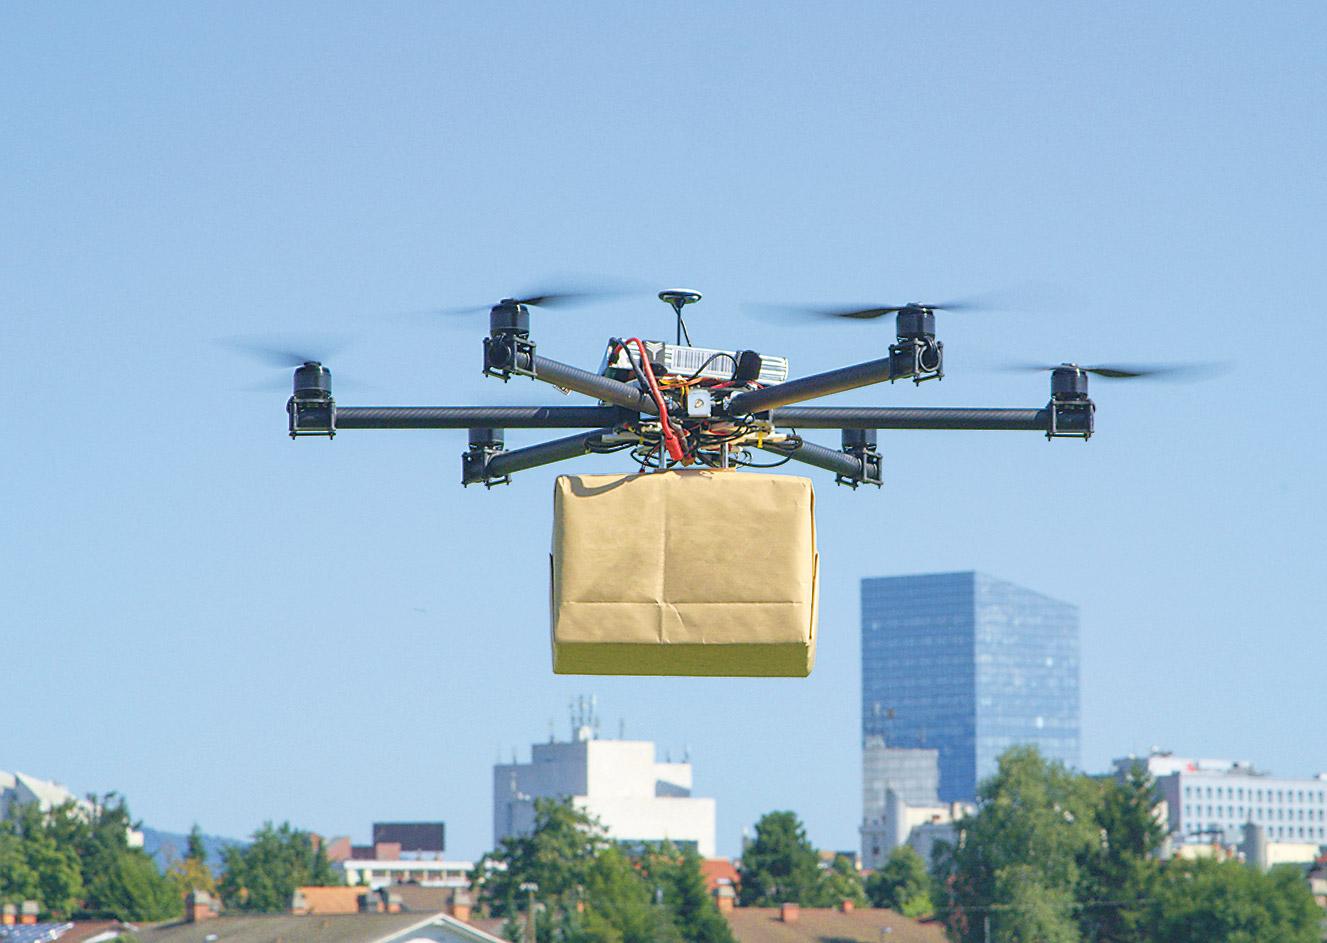 Eine Drohne liefert ein Paket.